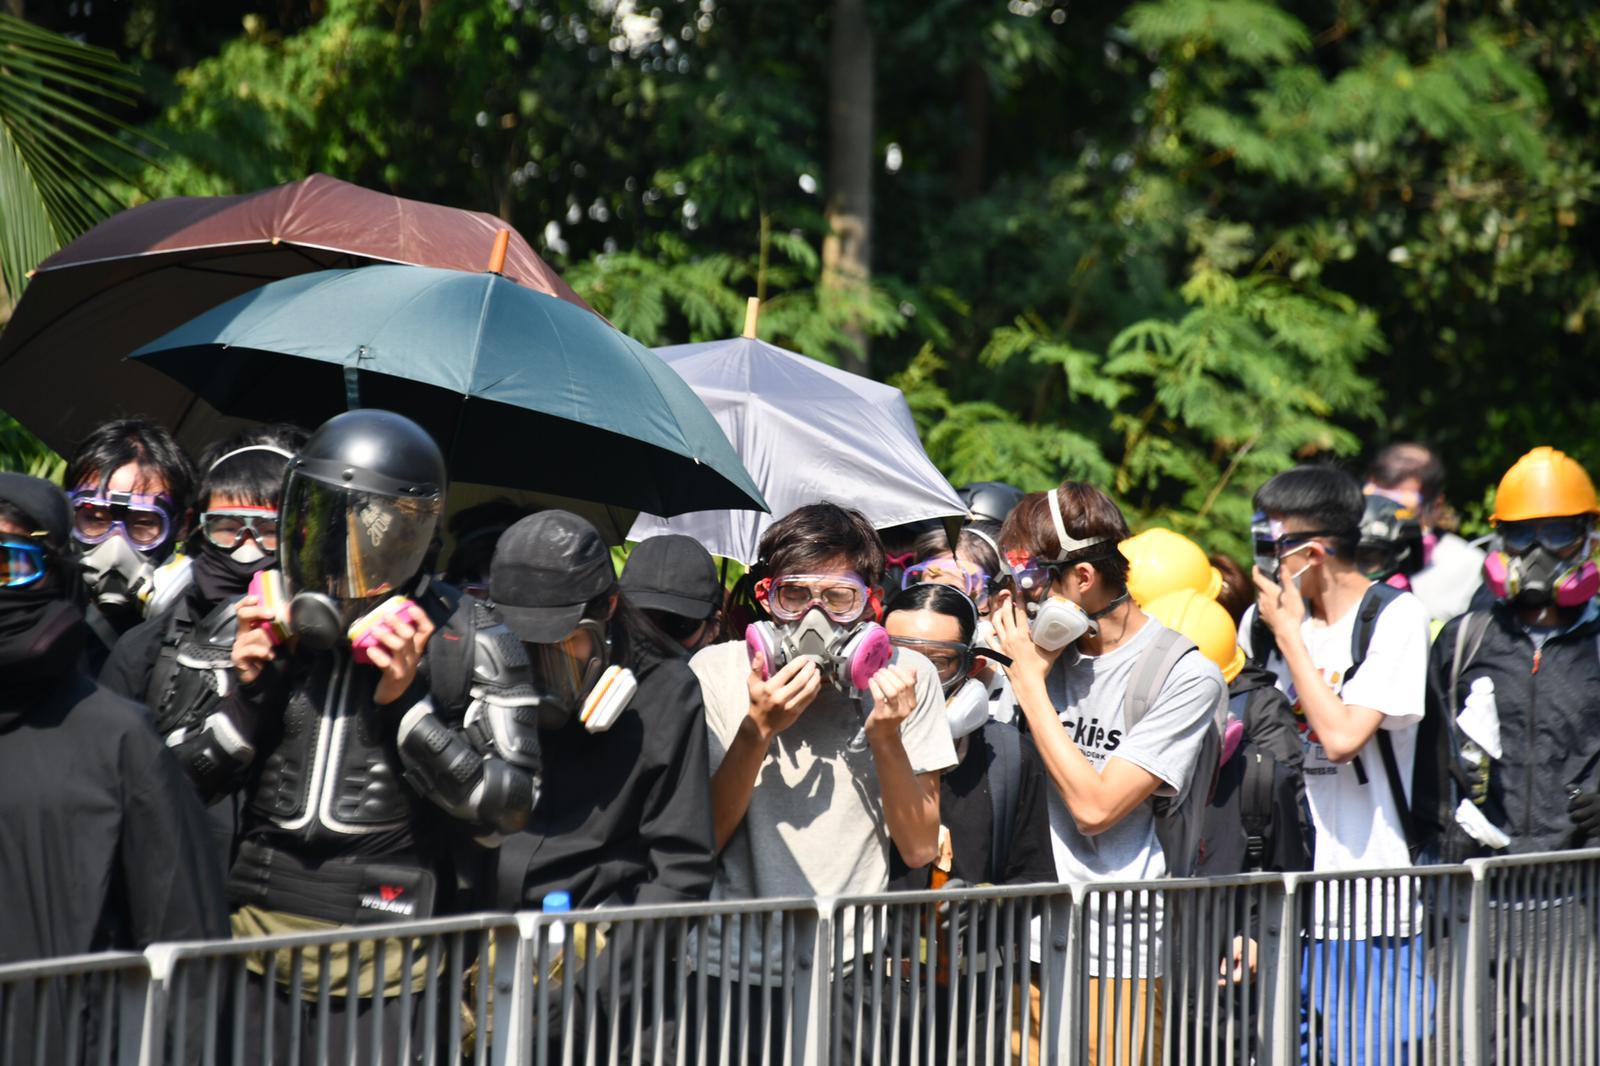 【修例风波】中午过后黑衣人第2度走出理大 警再发催泪弹